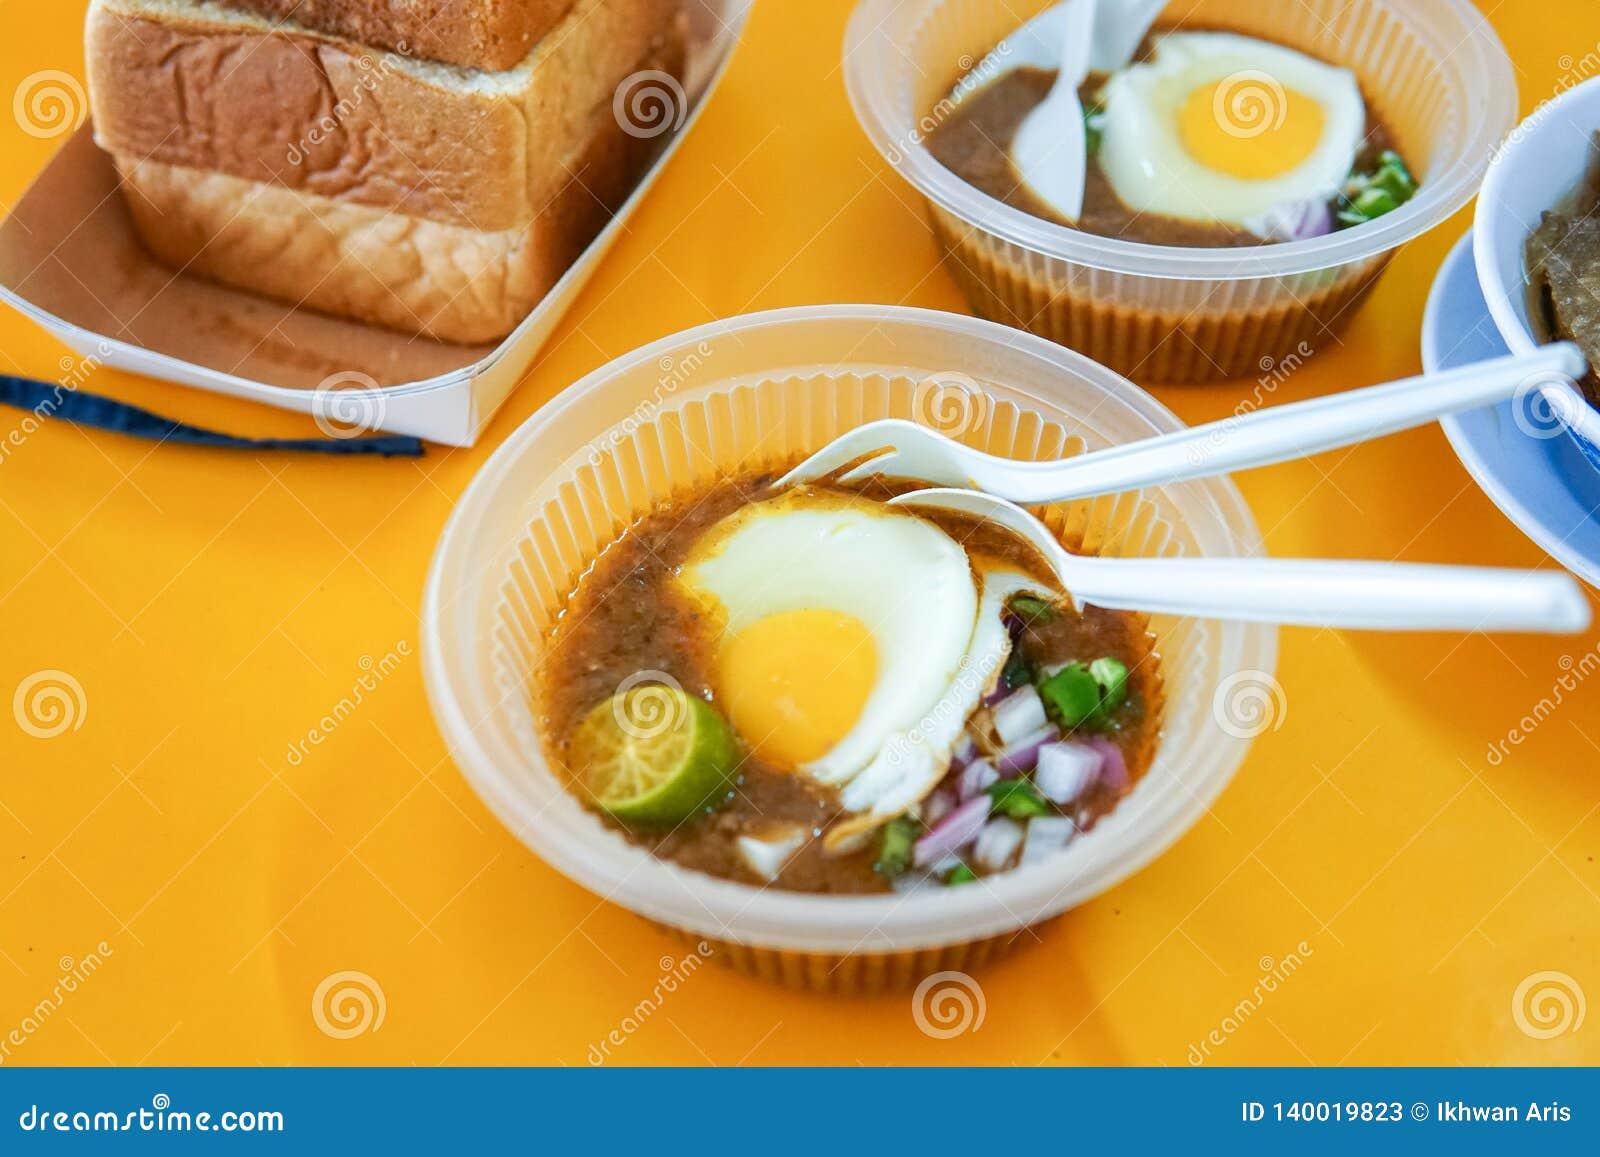 Diende het speciaal gemaakte geroosterde brood met boonsaus met ei, populair in Staat van Johor in Maleisië Genoemd geworden 'kac